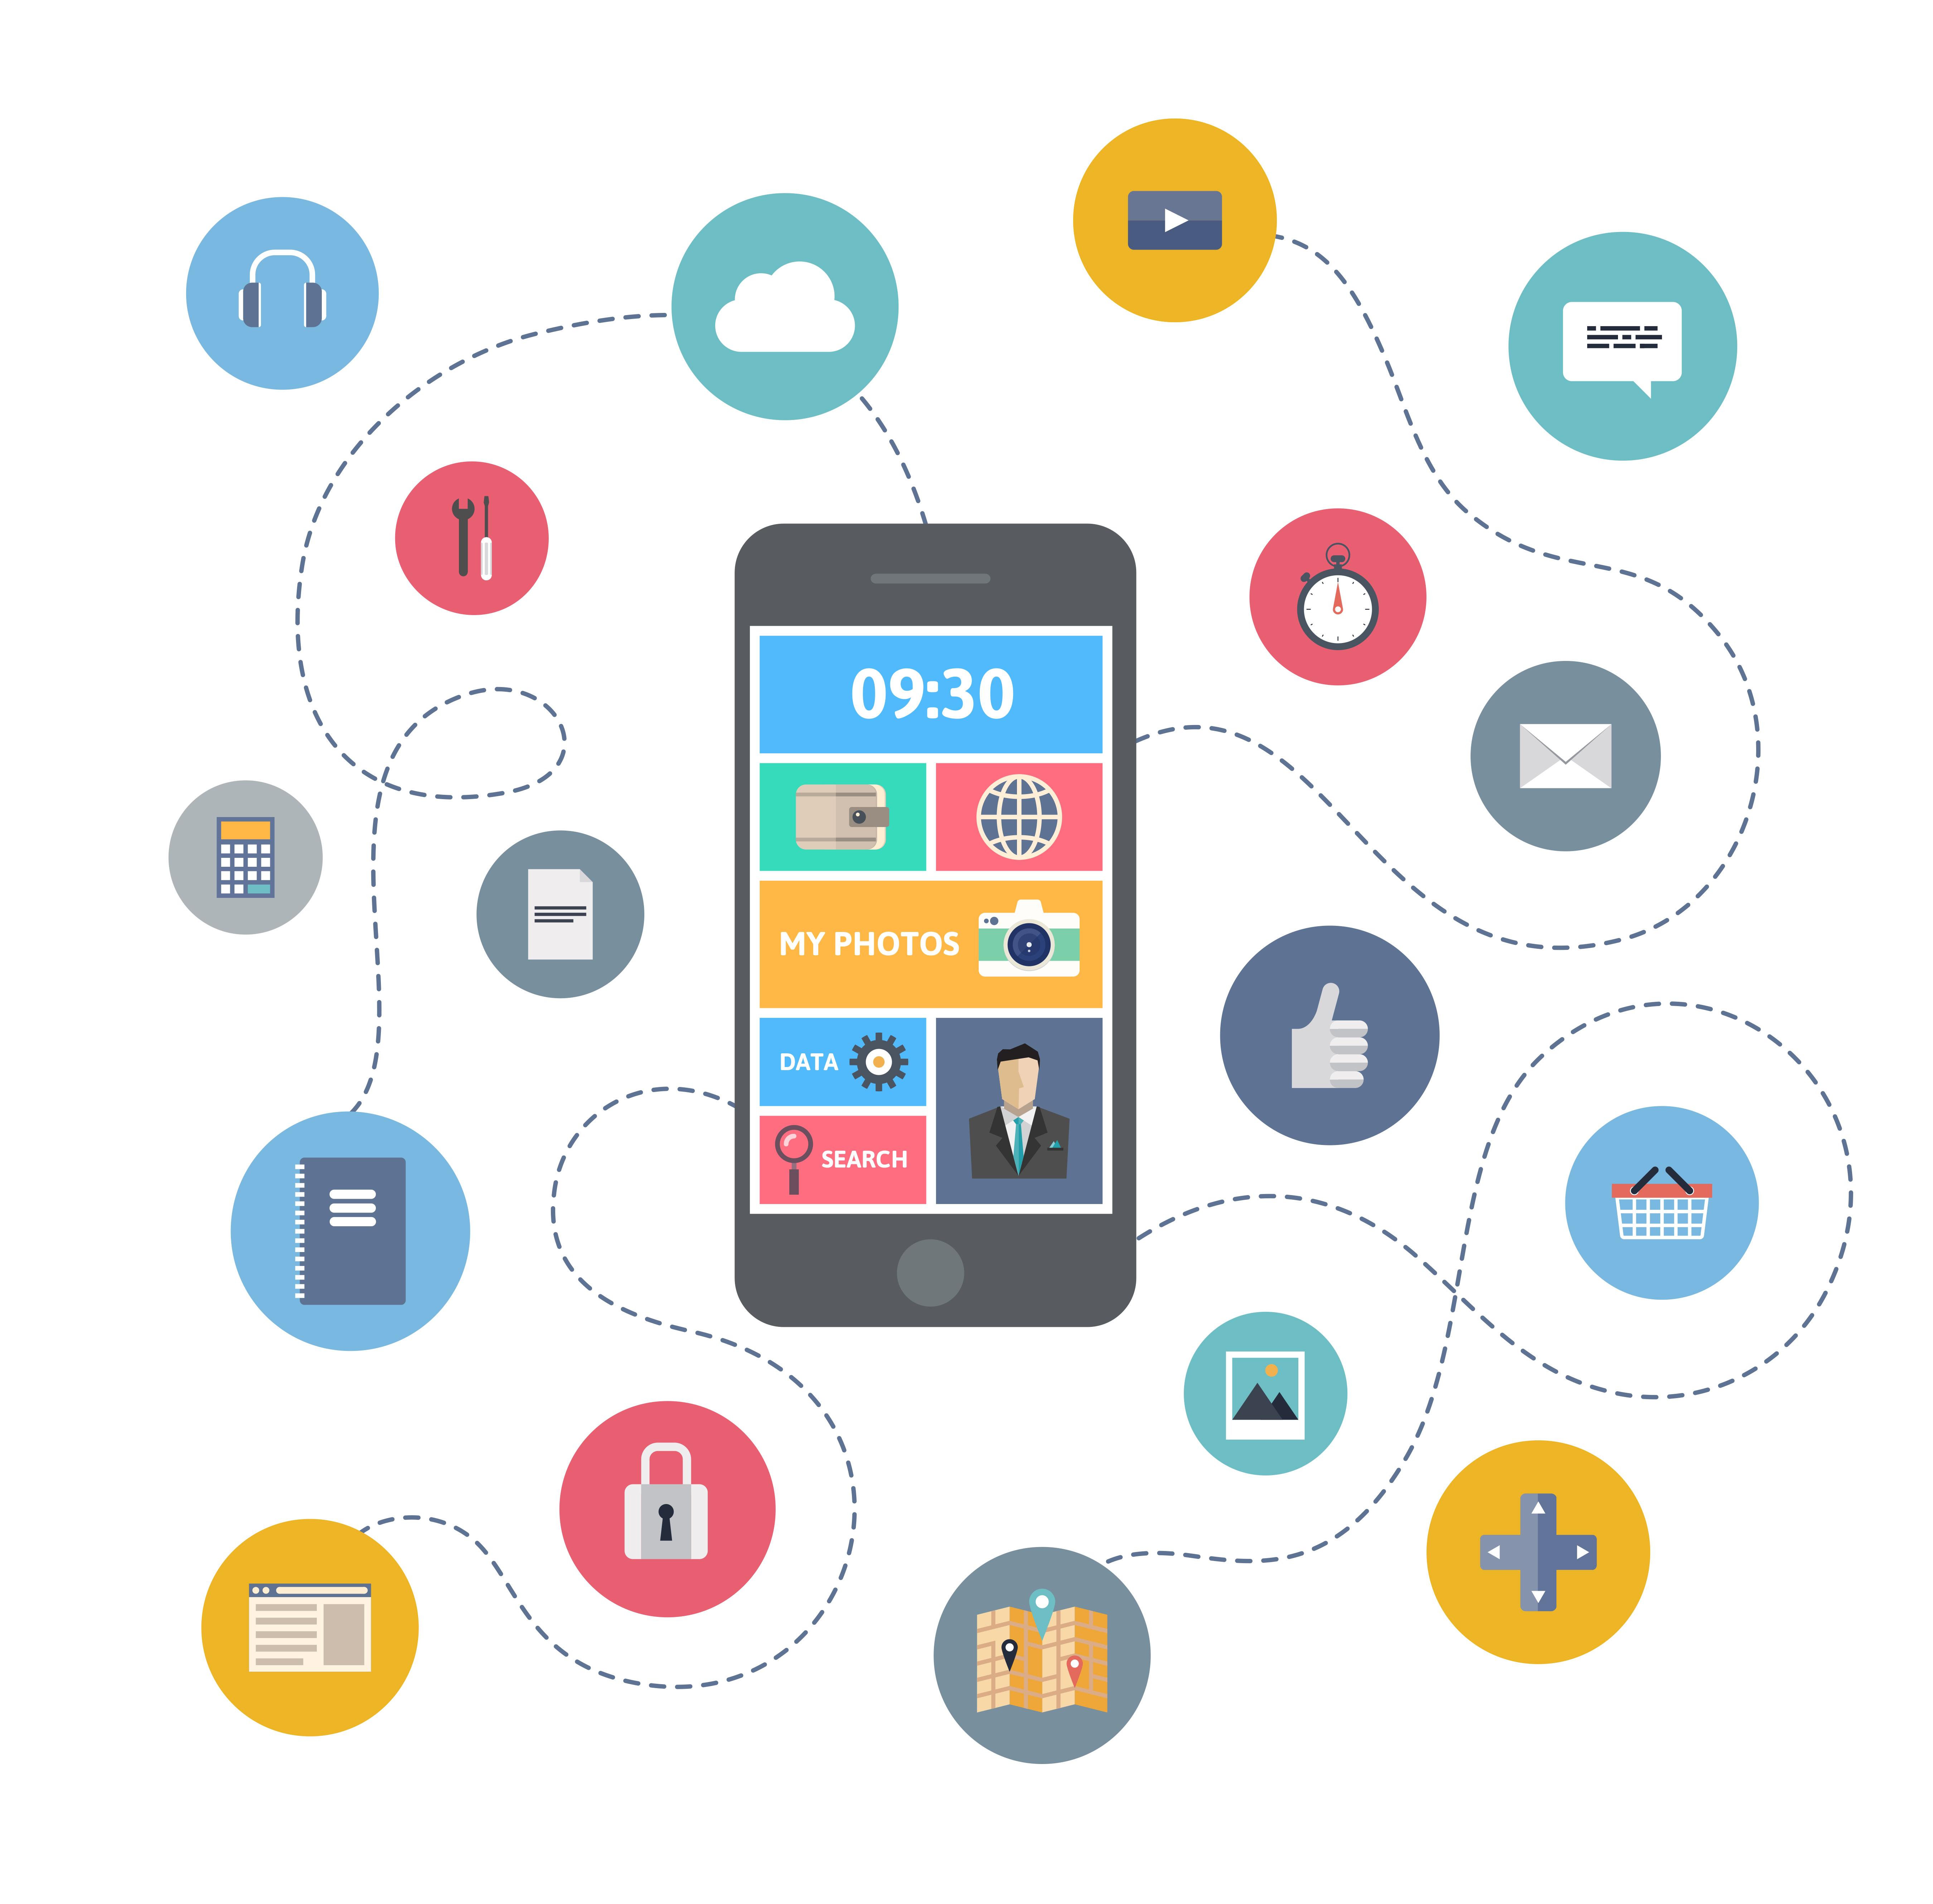 Neukunden & Webseiten-Besucher gewinnen und App-Downloads für Android-Smartphones und iPhones erreichen durch Push-Benachrichtigungen als Werbeform